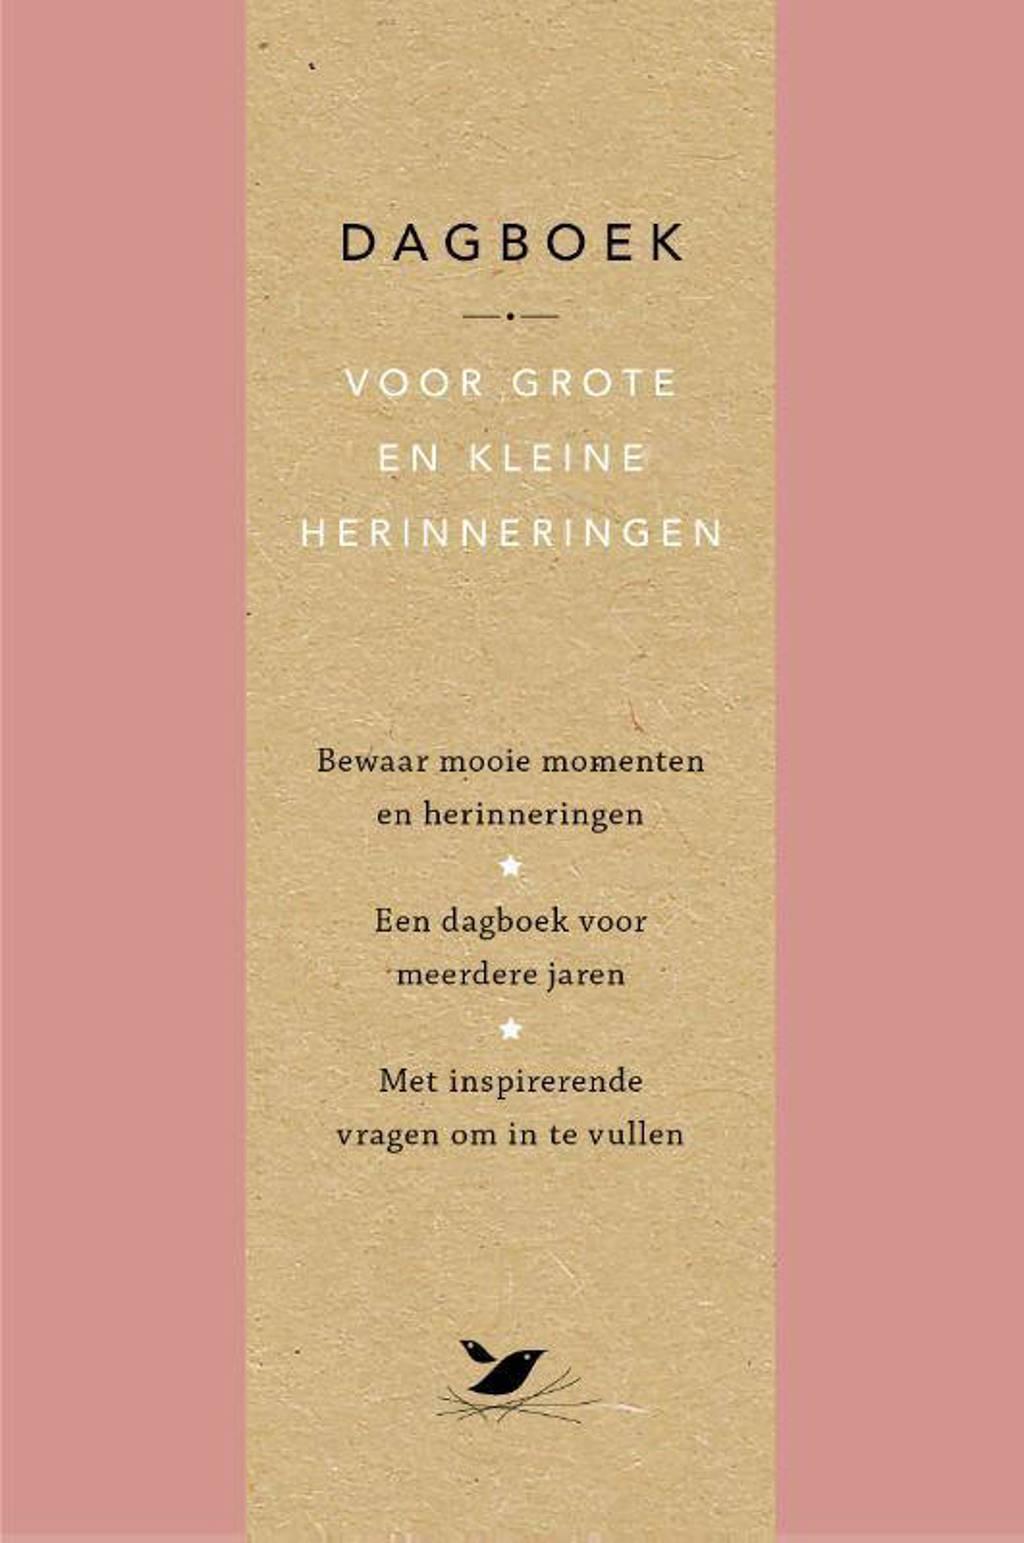 Dagboek voor grote en kleine herinneringen - Elma van Vliet